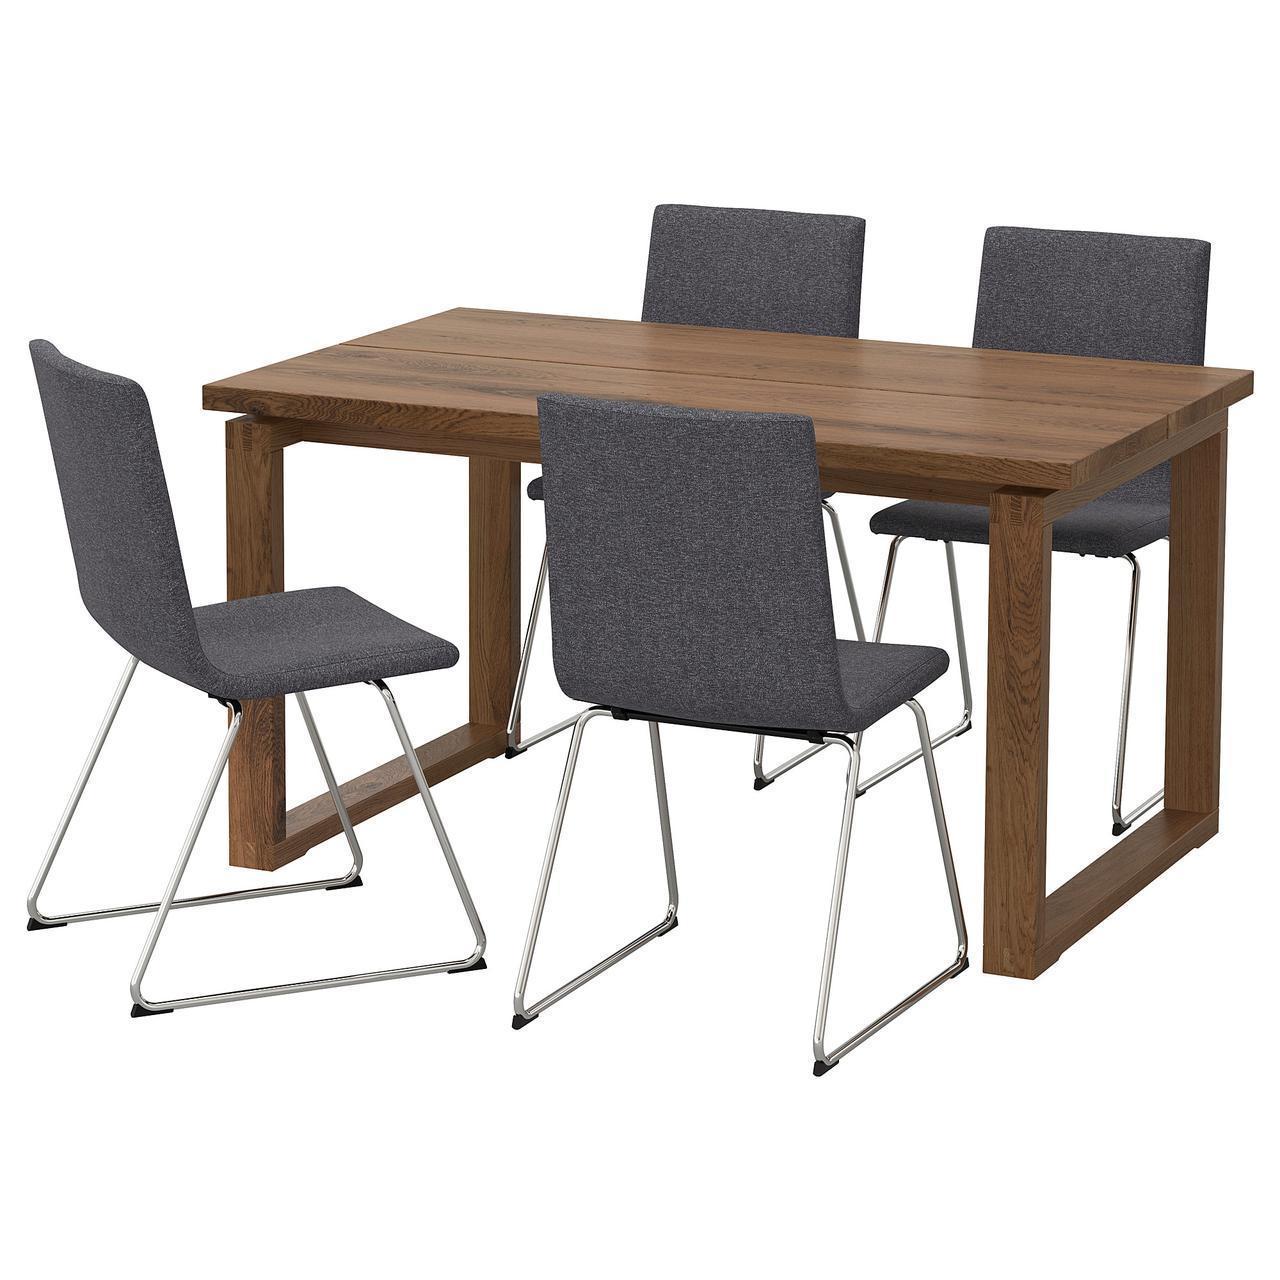 IKEA MORBYLANGA/VOLFGANG Стол и 4 стула, коричневый, обжаренный средний серый  (892.598.40)